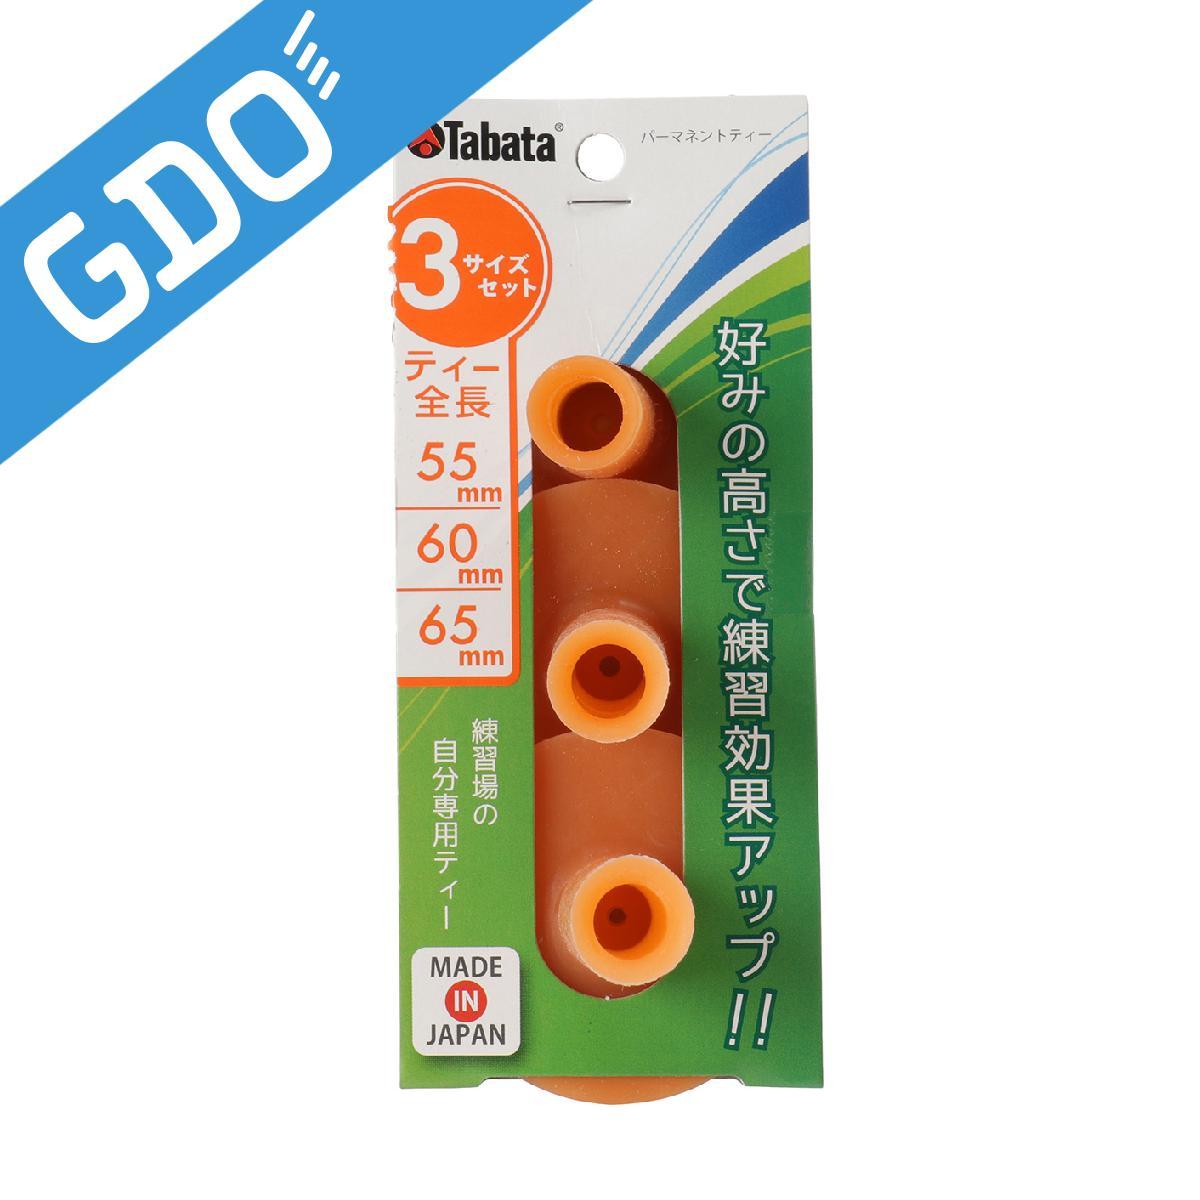 【ゴルフ ラウンド用品・小物 GDO GOLF】 タバタ Tabata パーマネントティー デカヘッドセット GV-0295